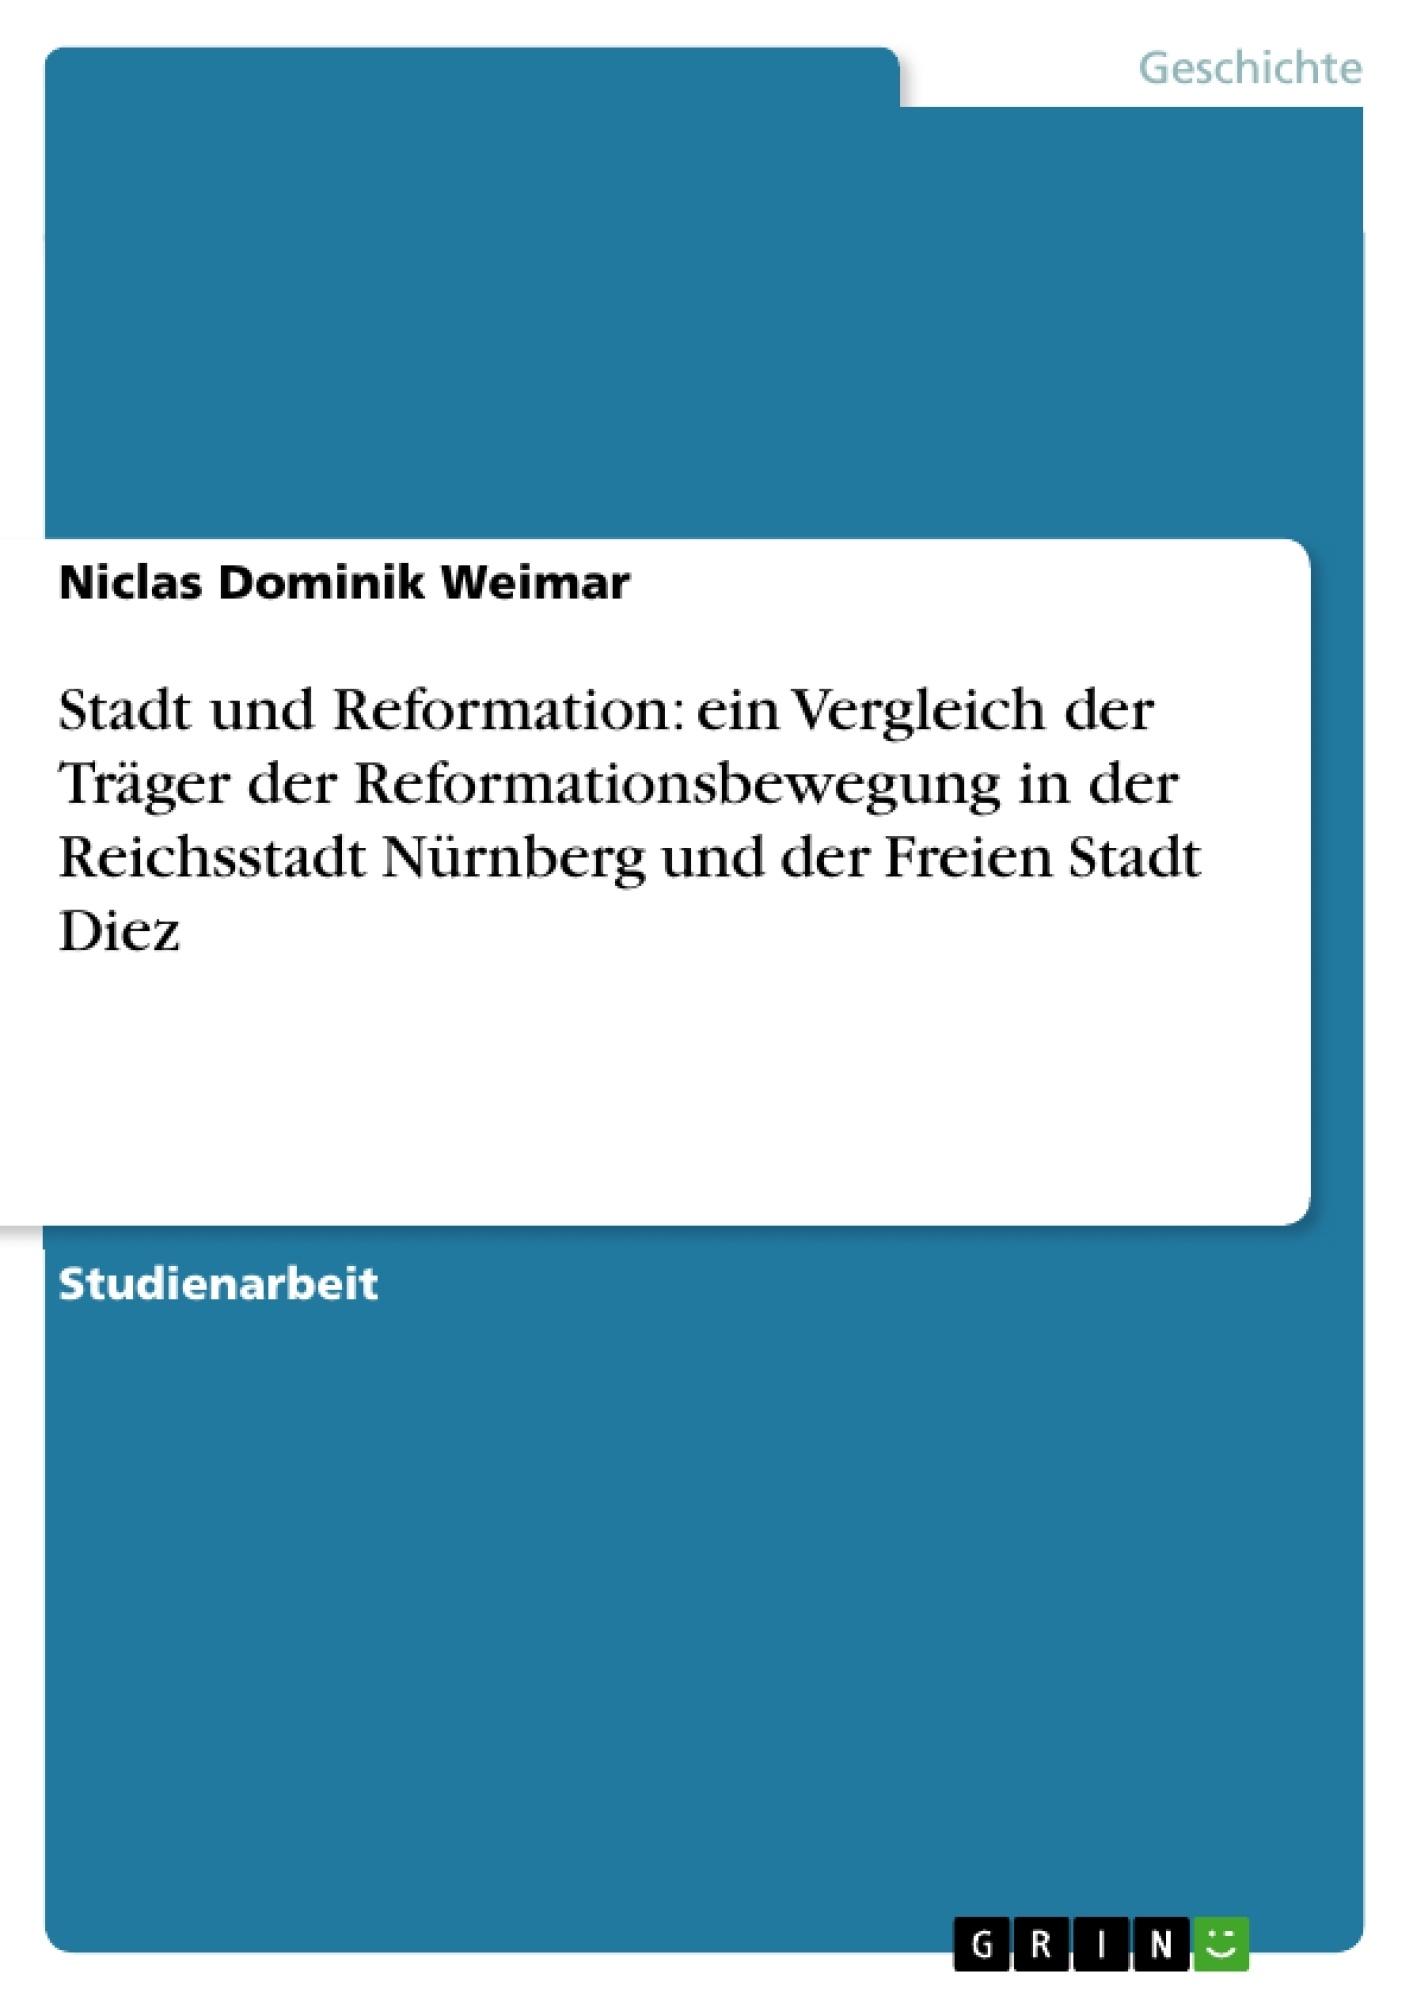 Titel: Stadt und Reformation:  ein Vergleich der Träger der Reformationsbewegung in der Reichsstadt Nürnberg und der Freien Stadt Diez